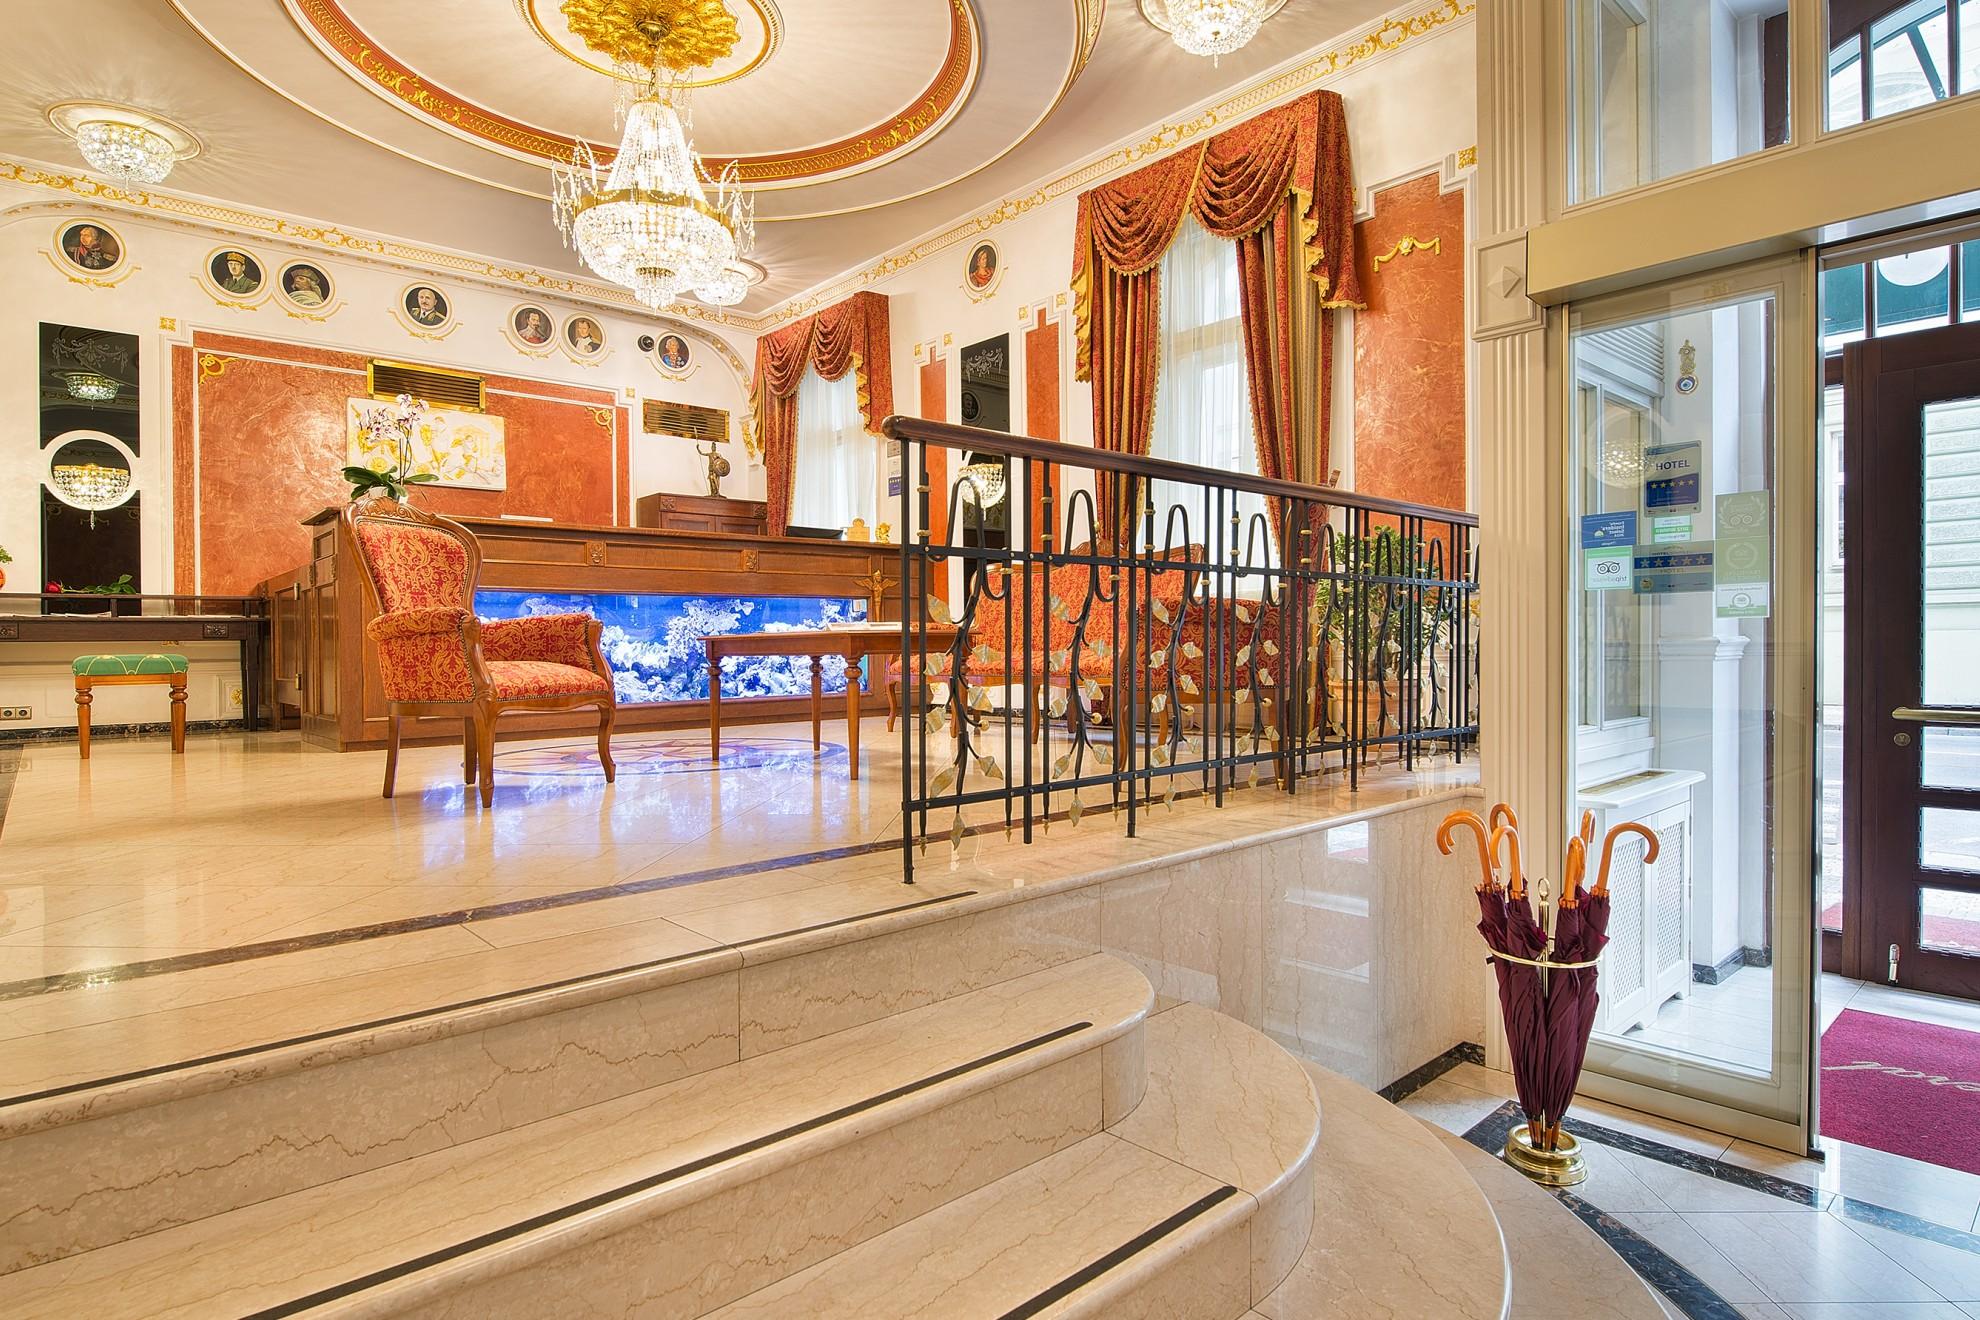 Best 5 star hotel experience in prague hotel general prague for General hotel prague